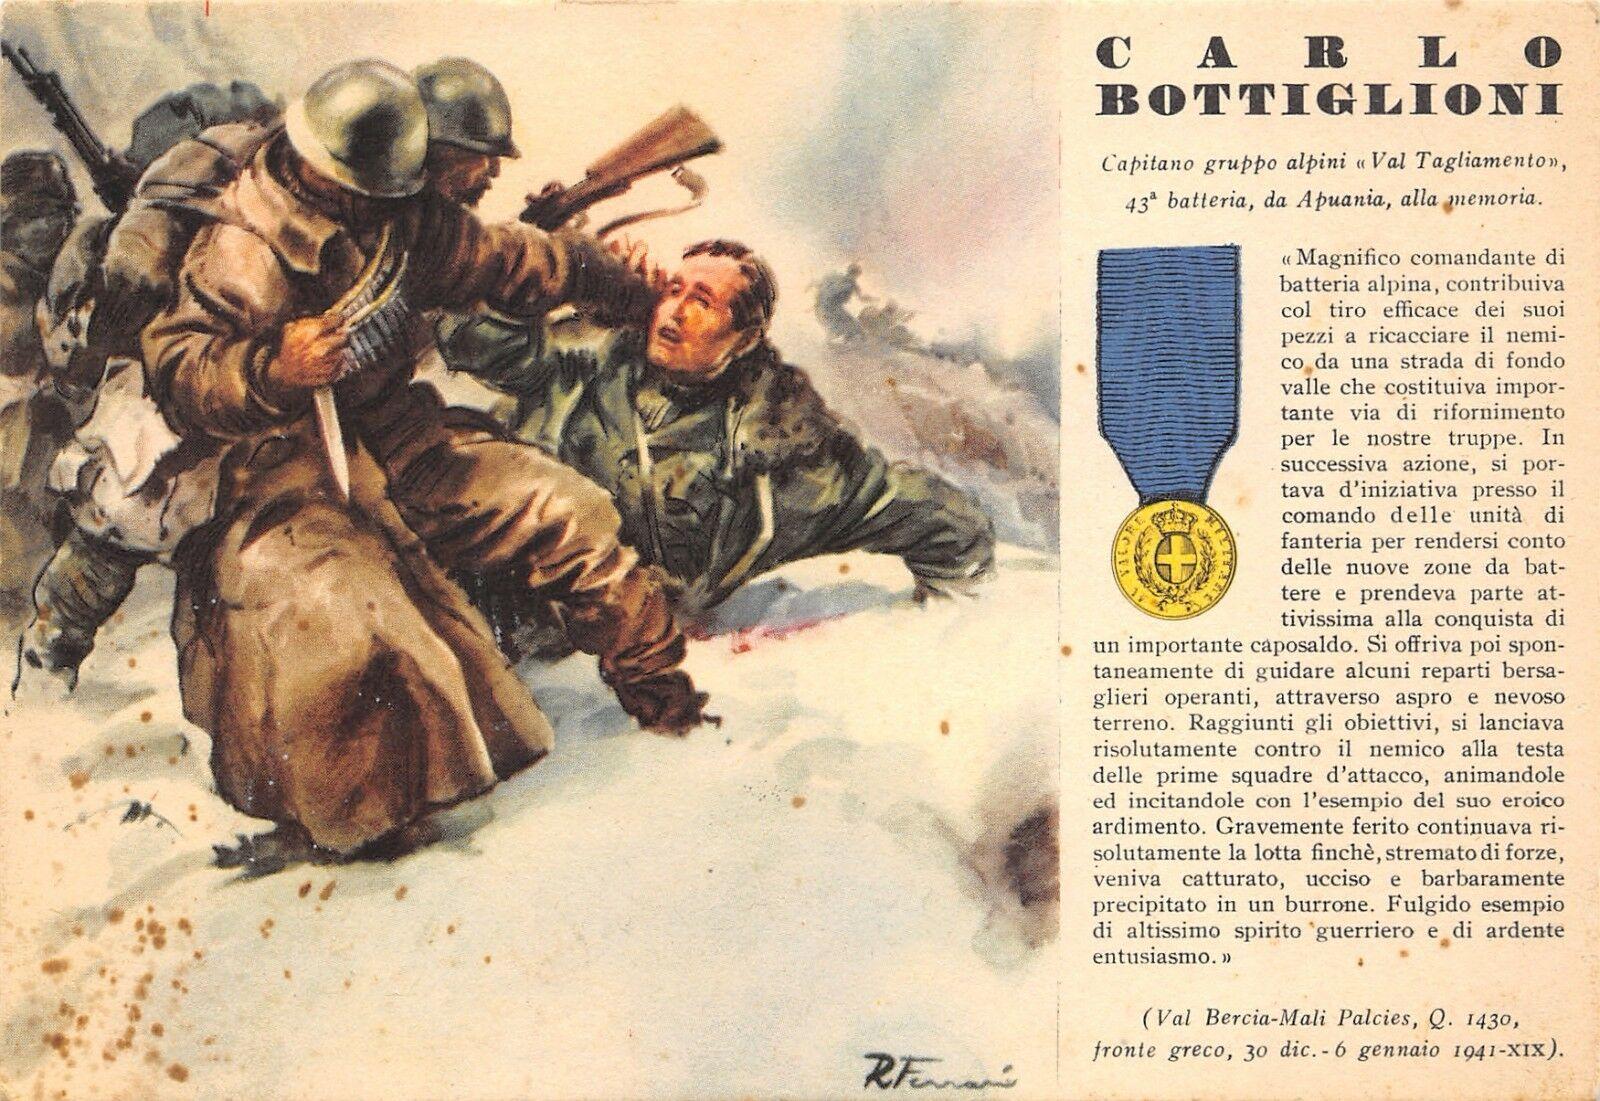 Cartolina dedicata a Carlo Bottiglioni MEDAGLIA D'ORO 6 gennaio 1941